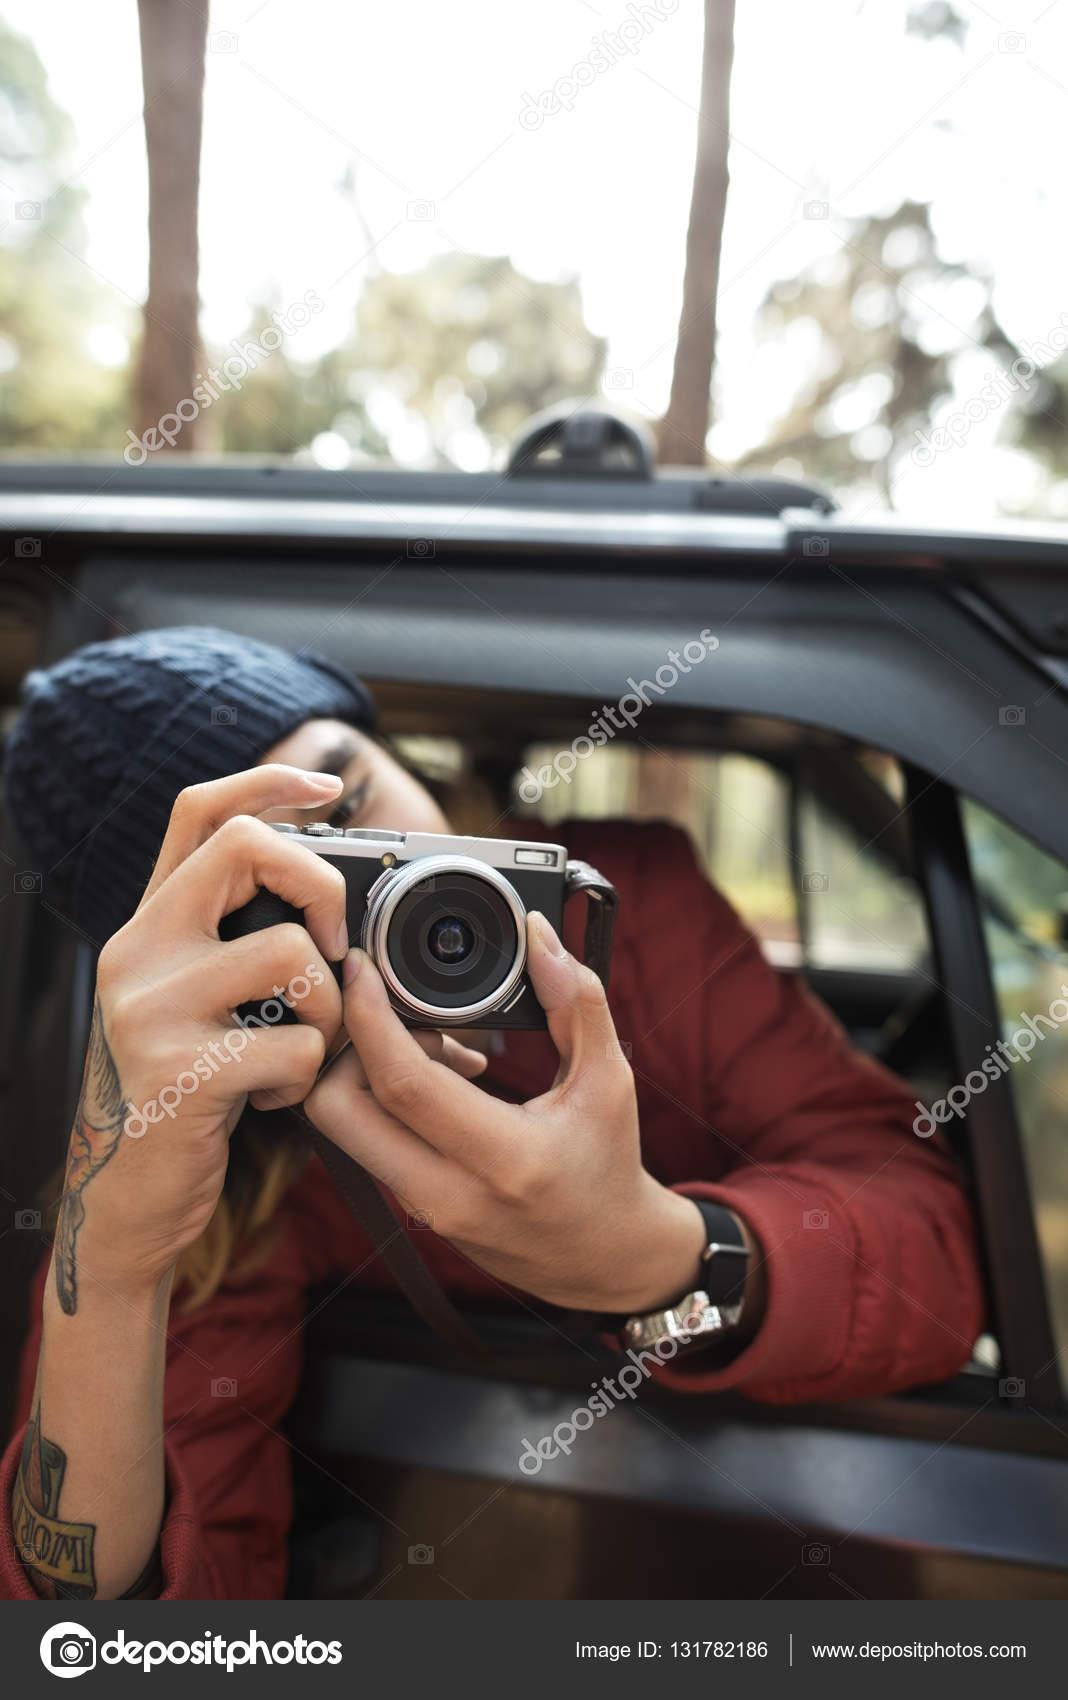 Fotograf, Shooting mit Kamera — Stockfoto © Rawpixel #131782186